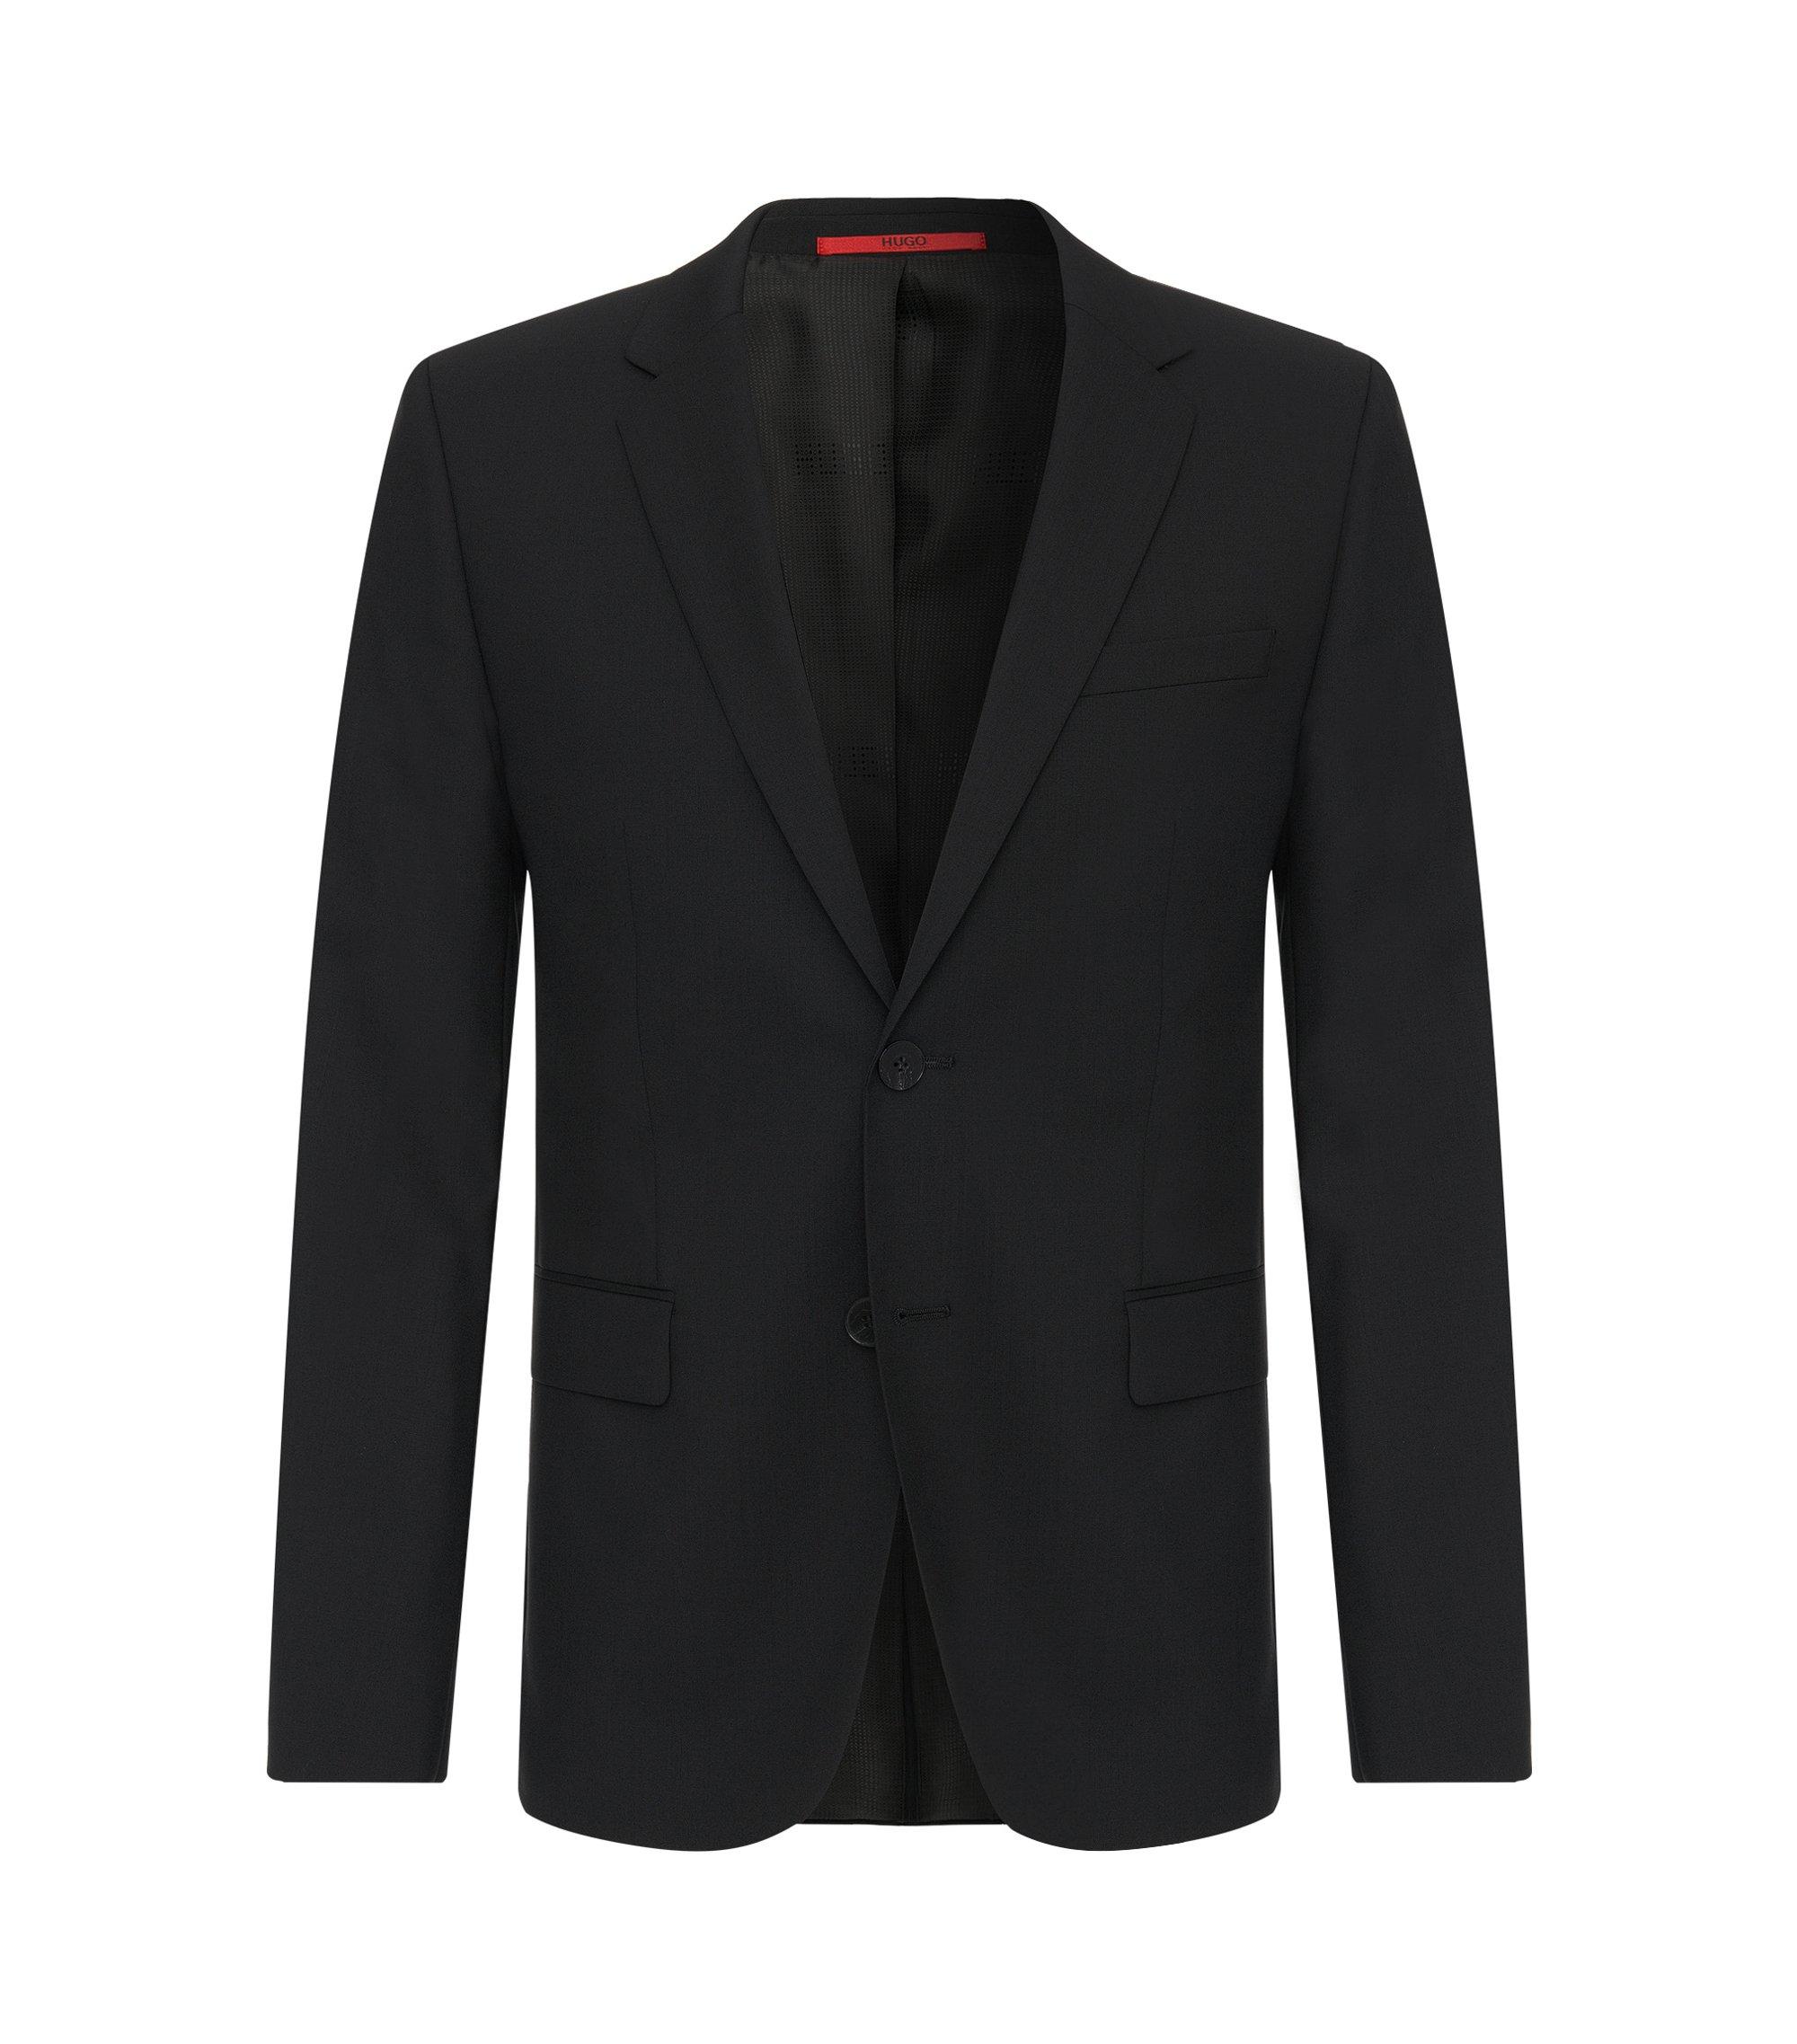 Veste de costume HUGO Homme Slim Fit en laine stretch, Noir